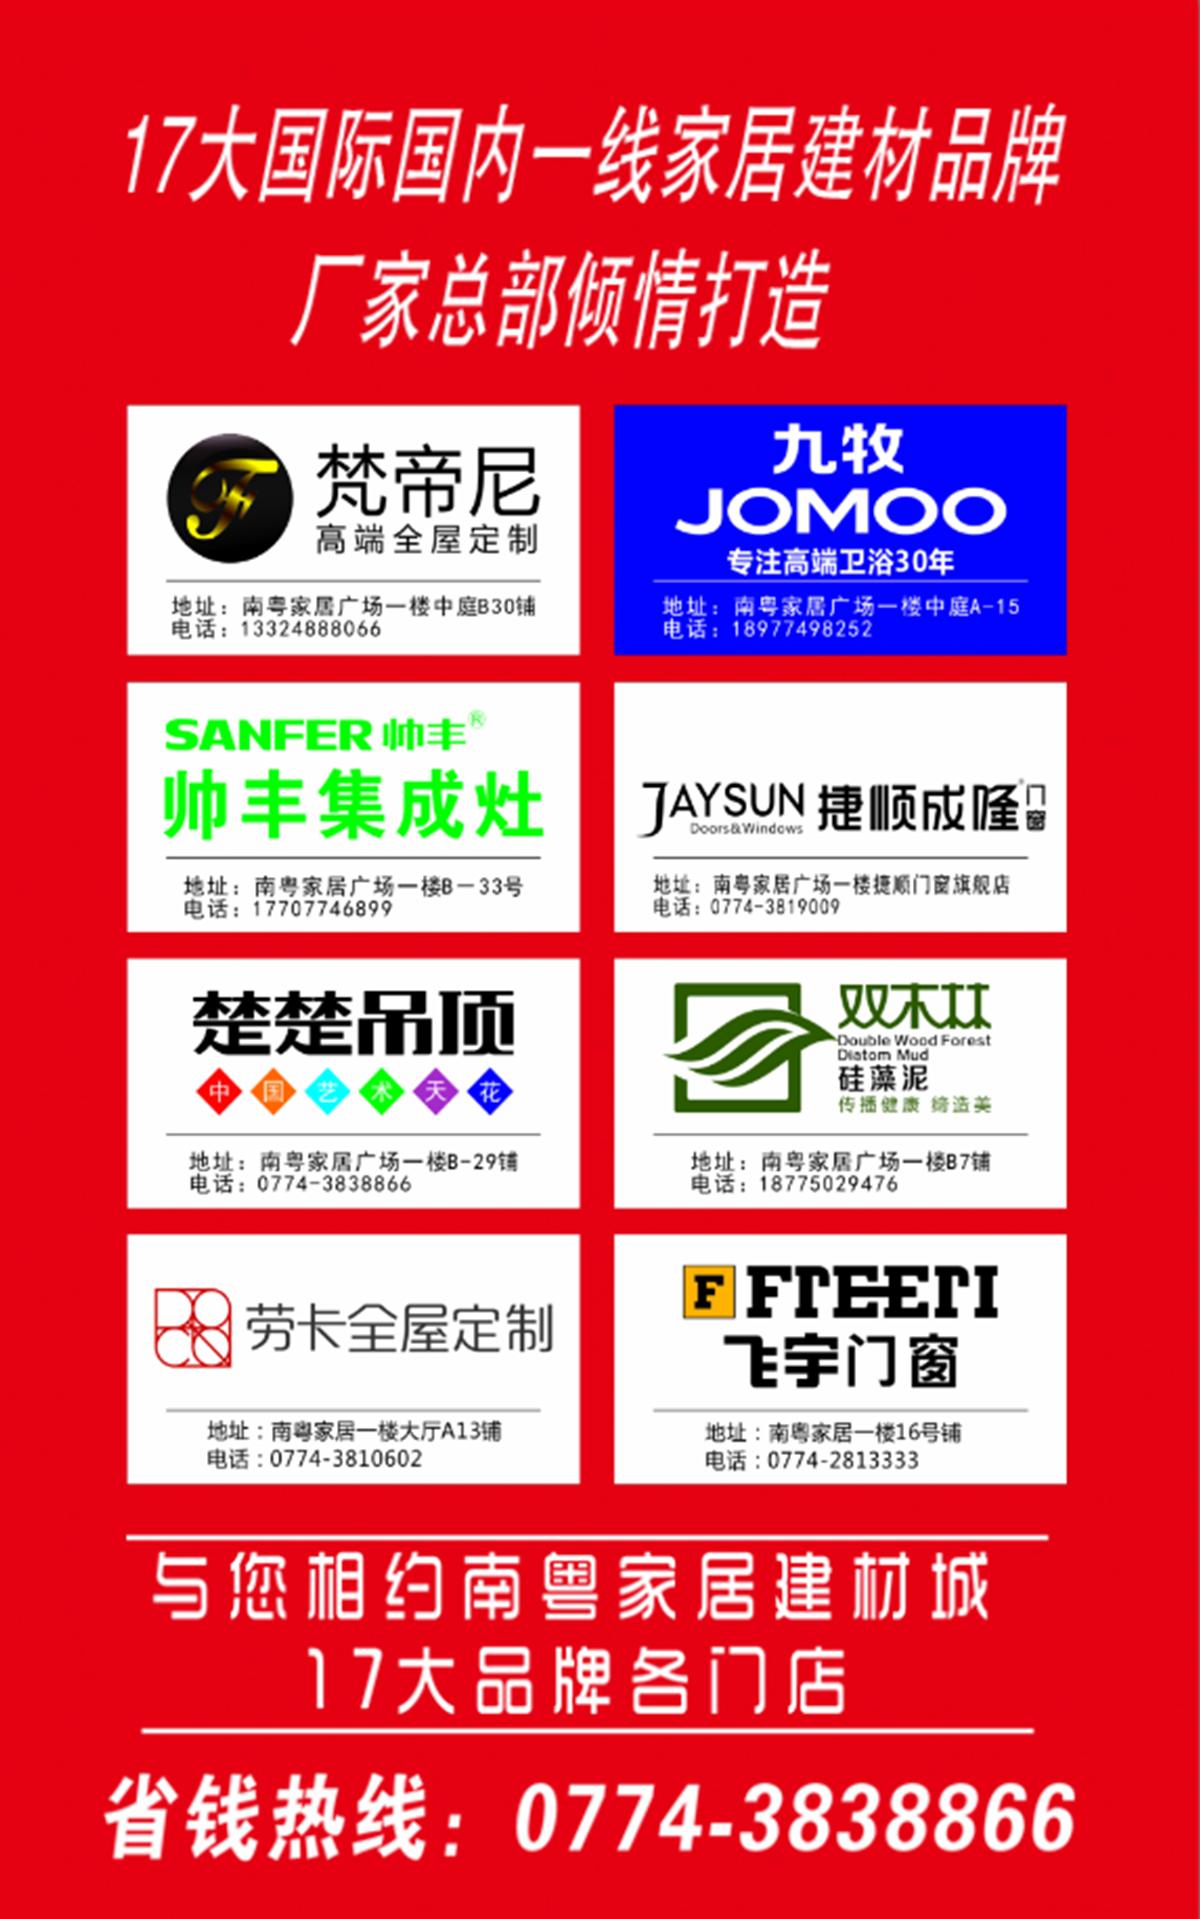 南粤家居建材城十七大品牌年中大促盛典1.png